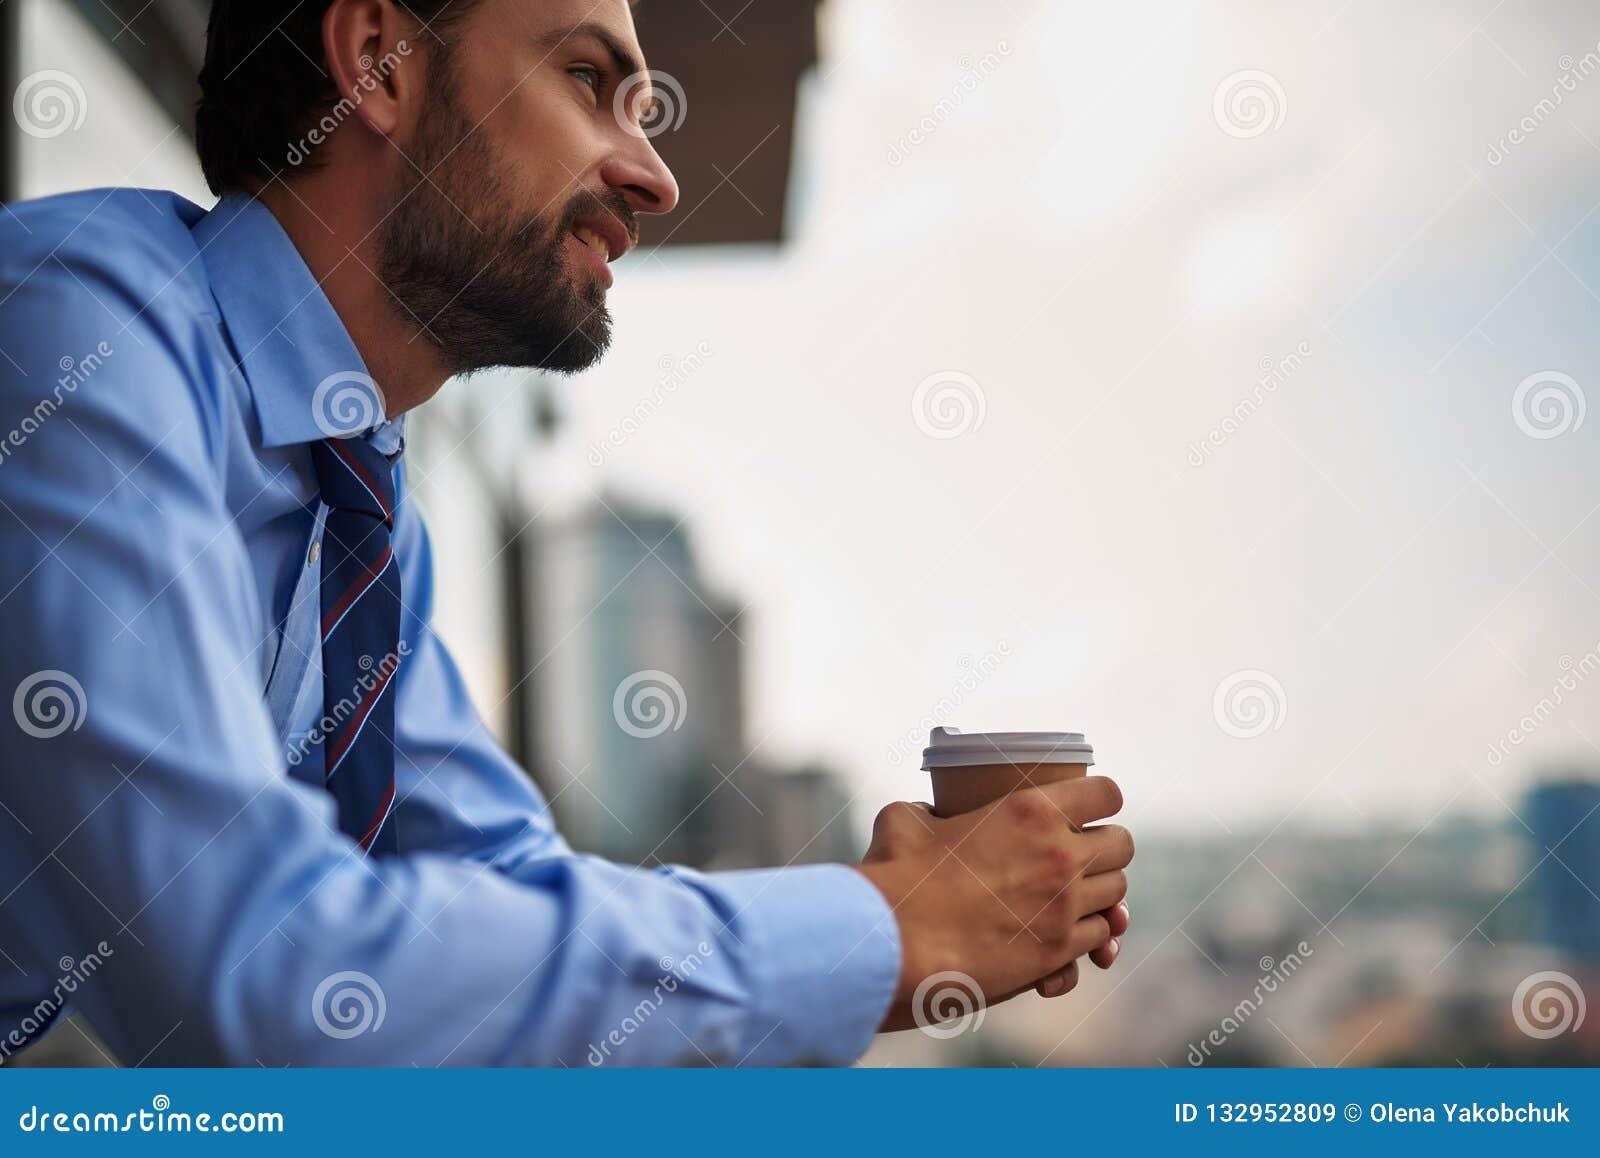 One male worker drinking coffee on office balcony